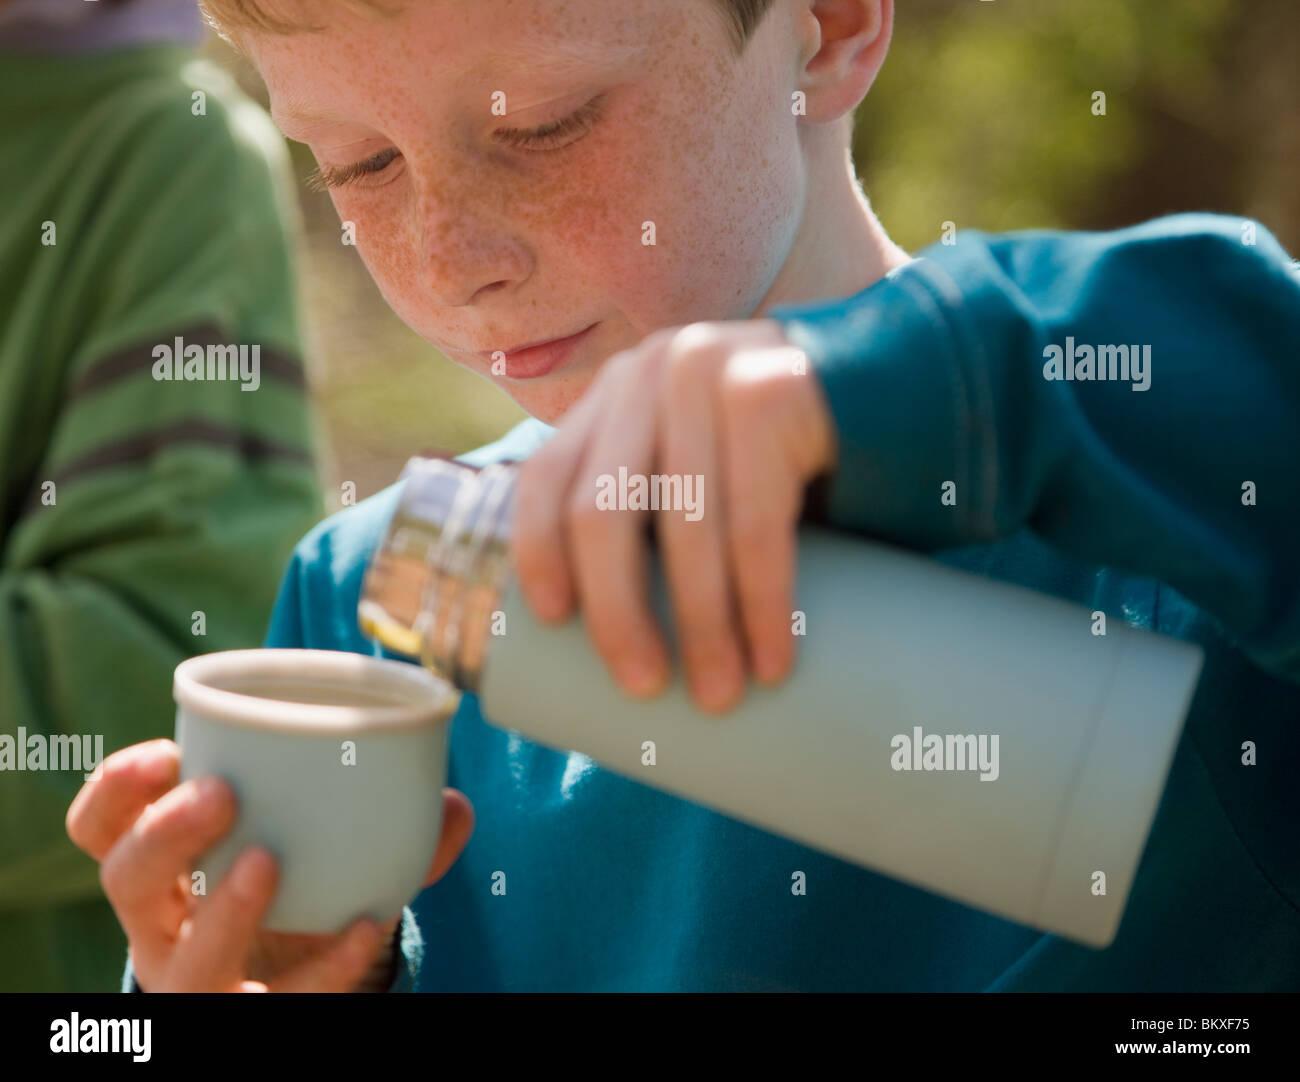 Chiusura del giovane ragazzo versando acqua dalla beuta isolata Foto Stock